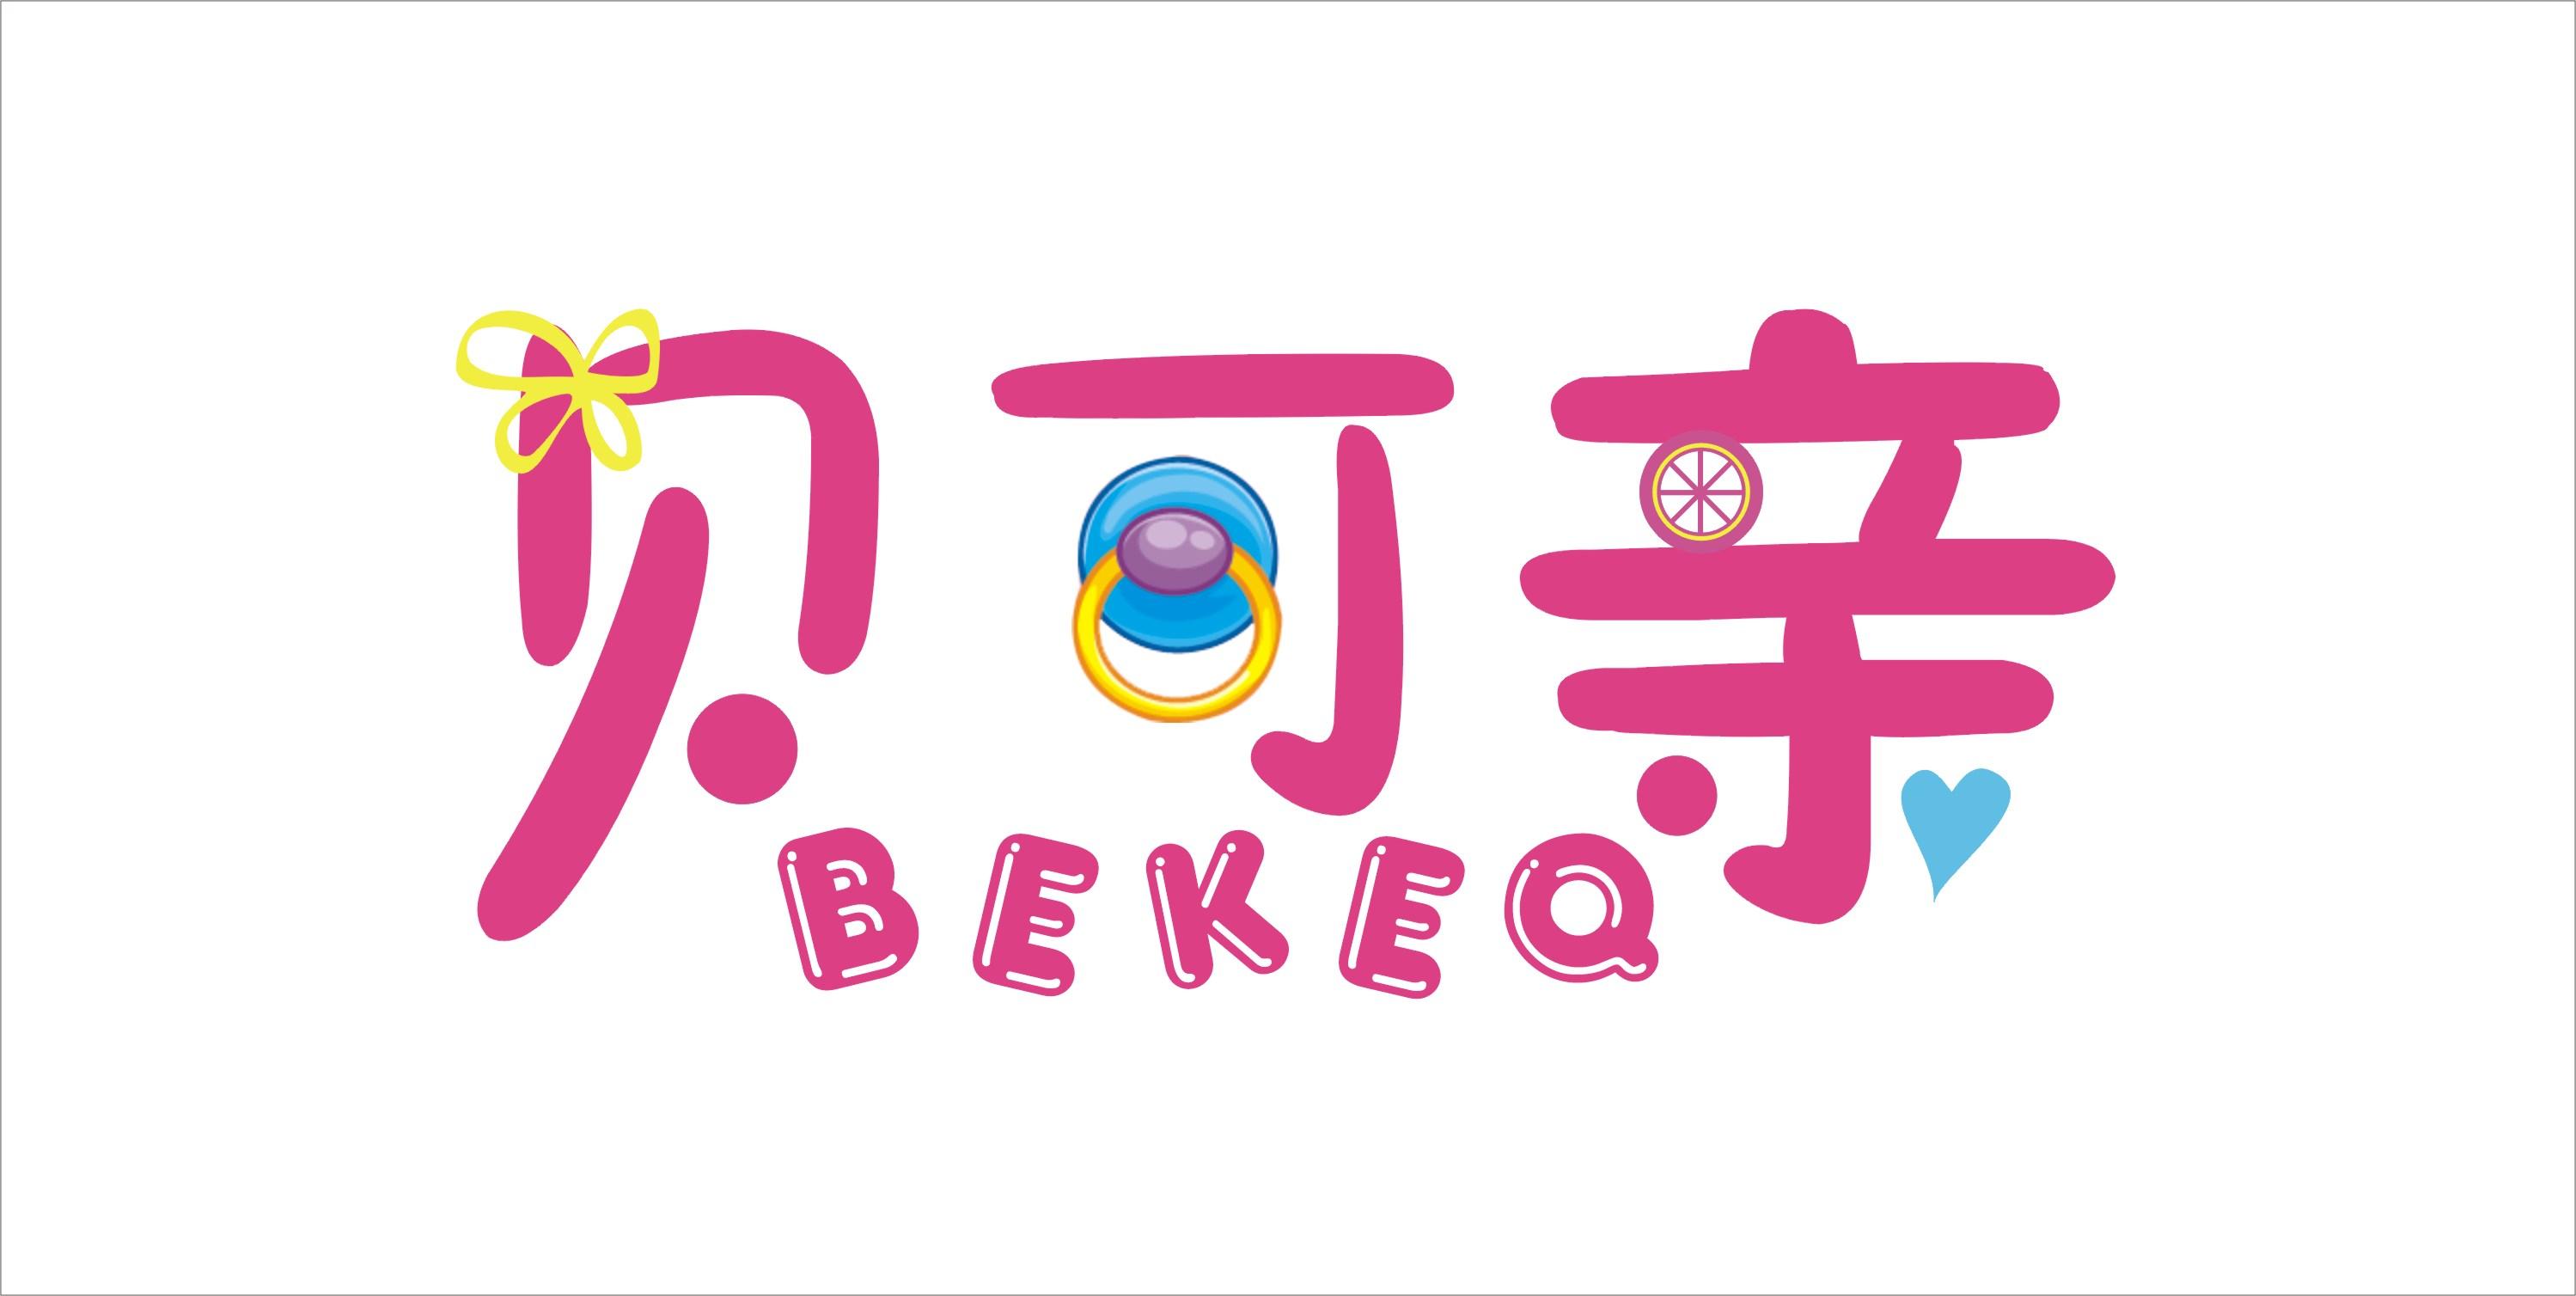 贝可亲合江专卖店(母婴用品生活馆)